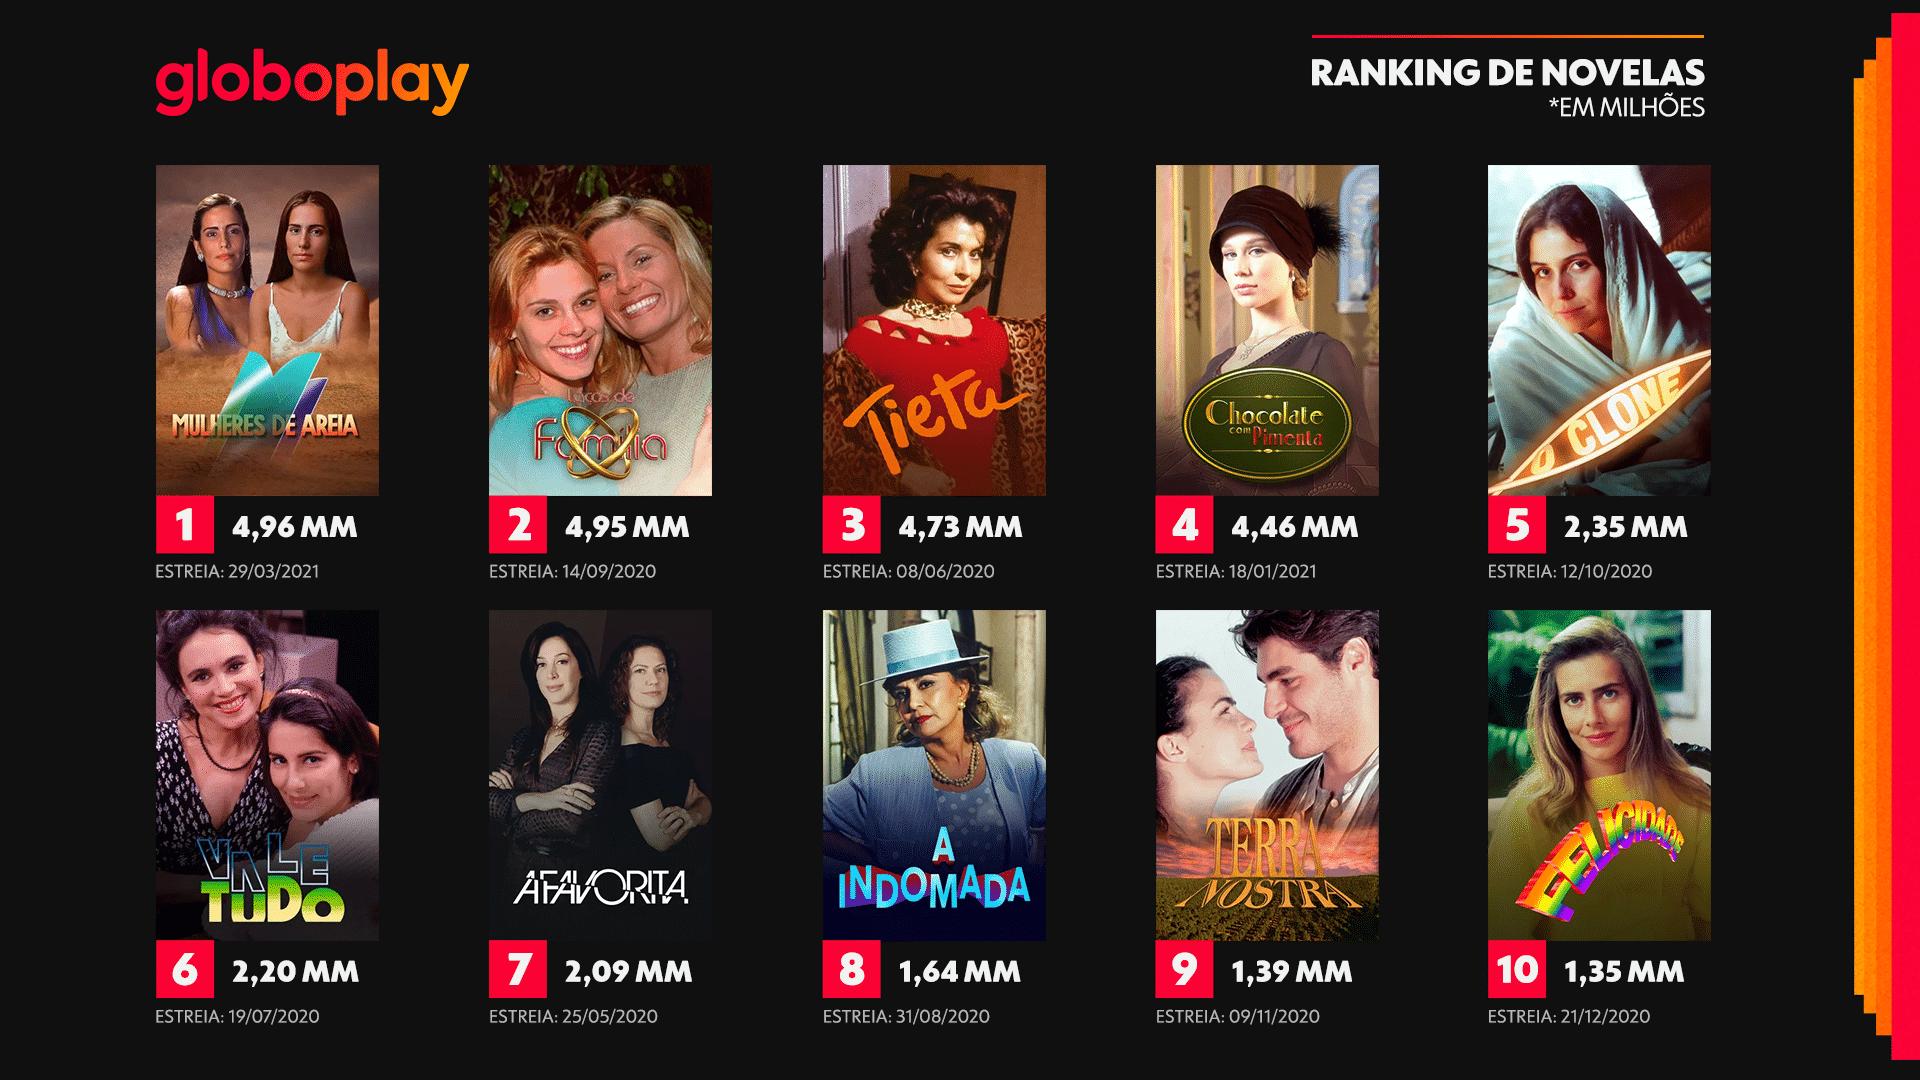 Ranking das novelas mais vistas no Globoplay nos primeiros 30 dias de exibição (foto: Reprodução)